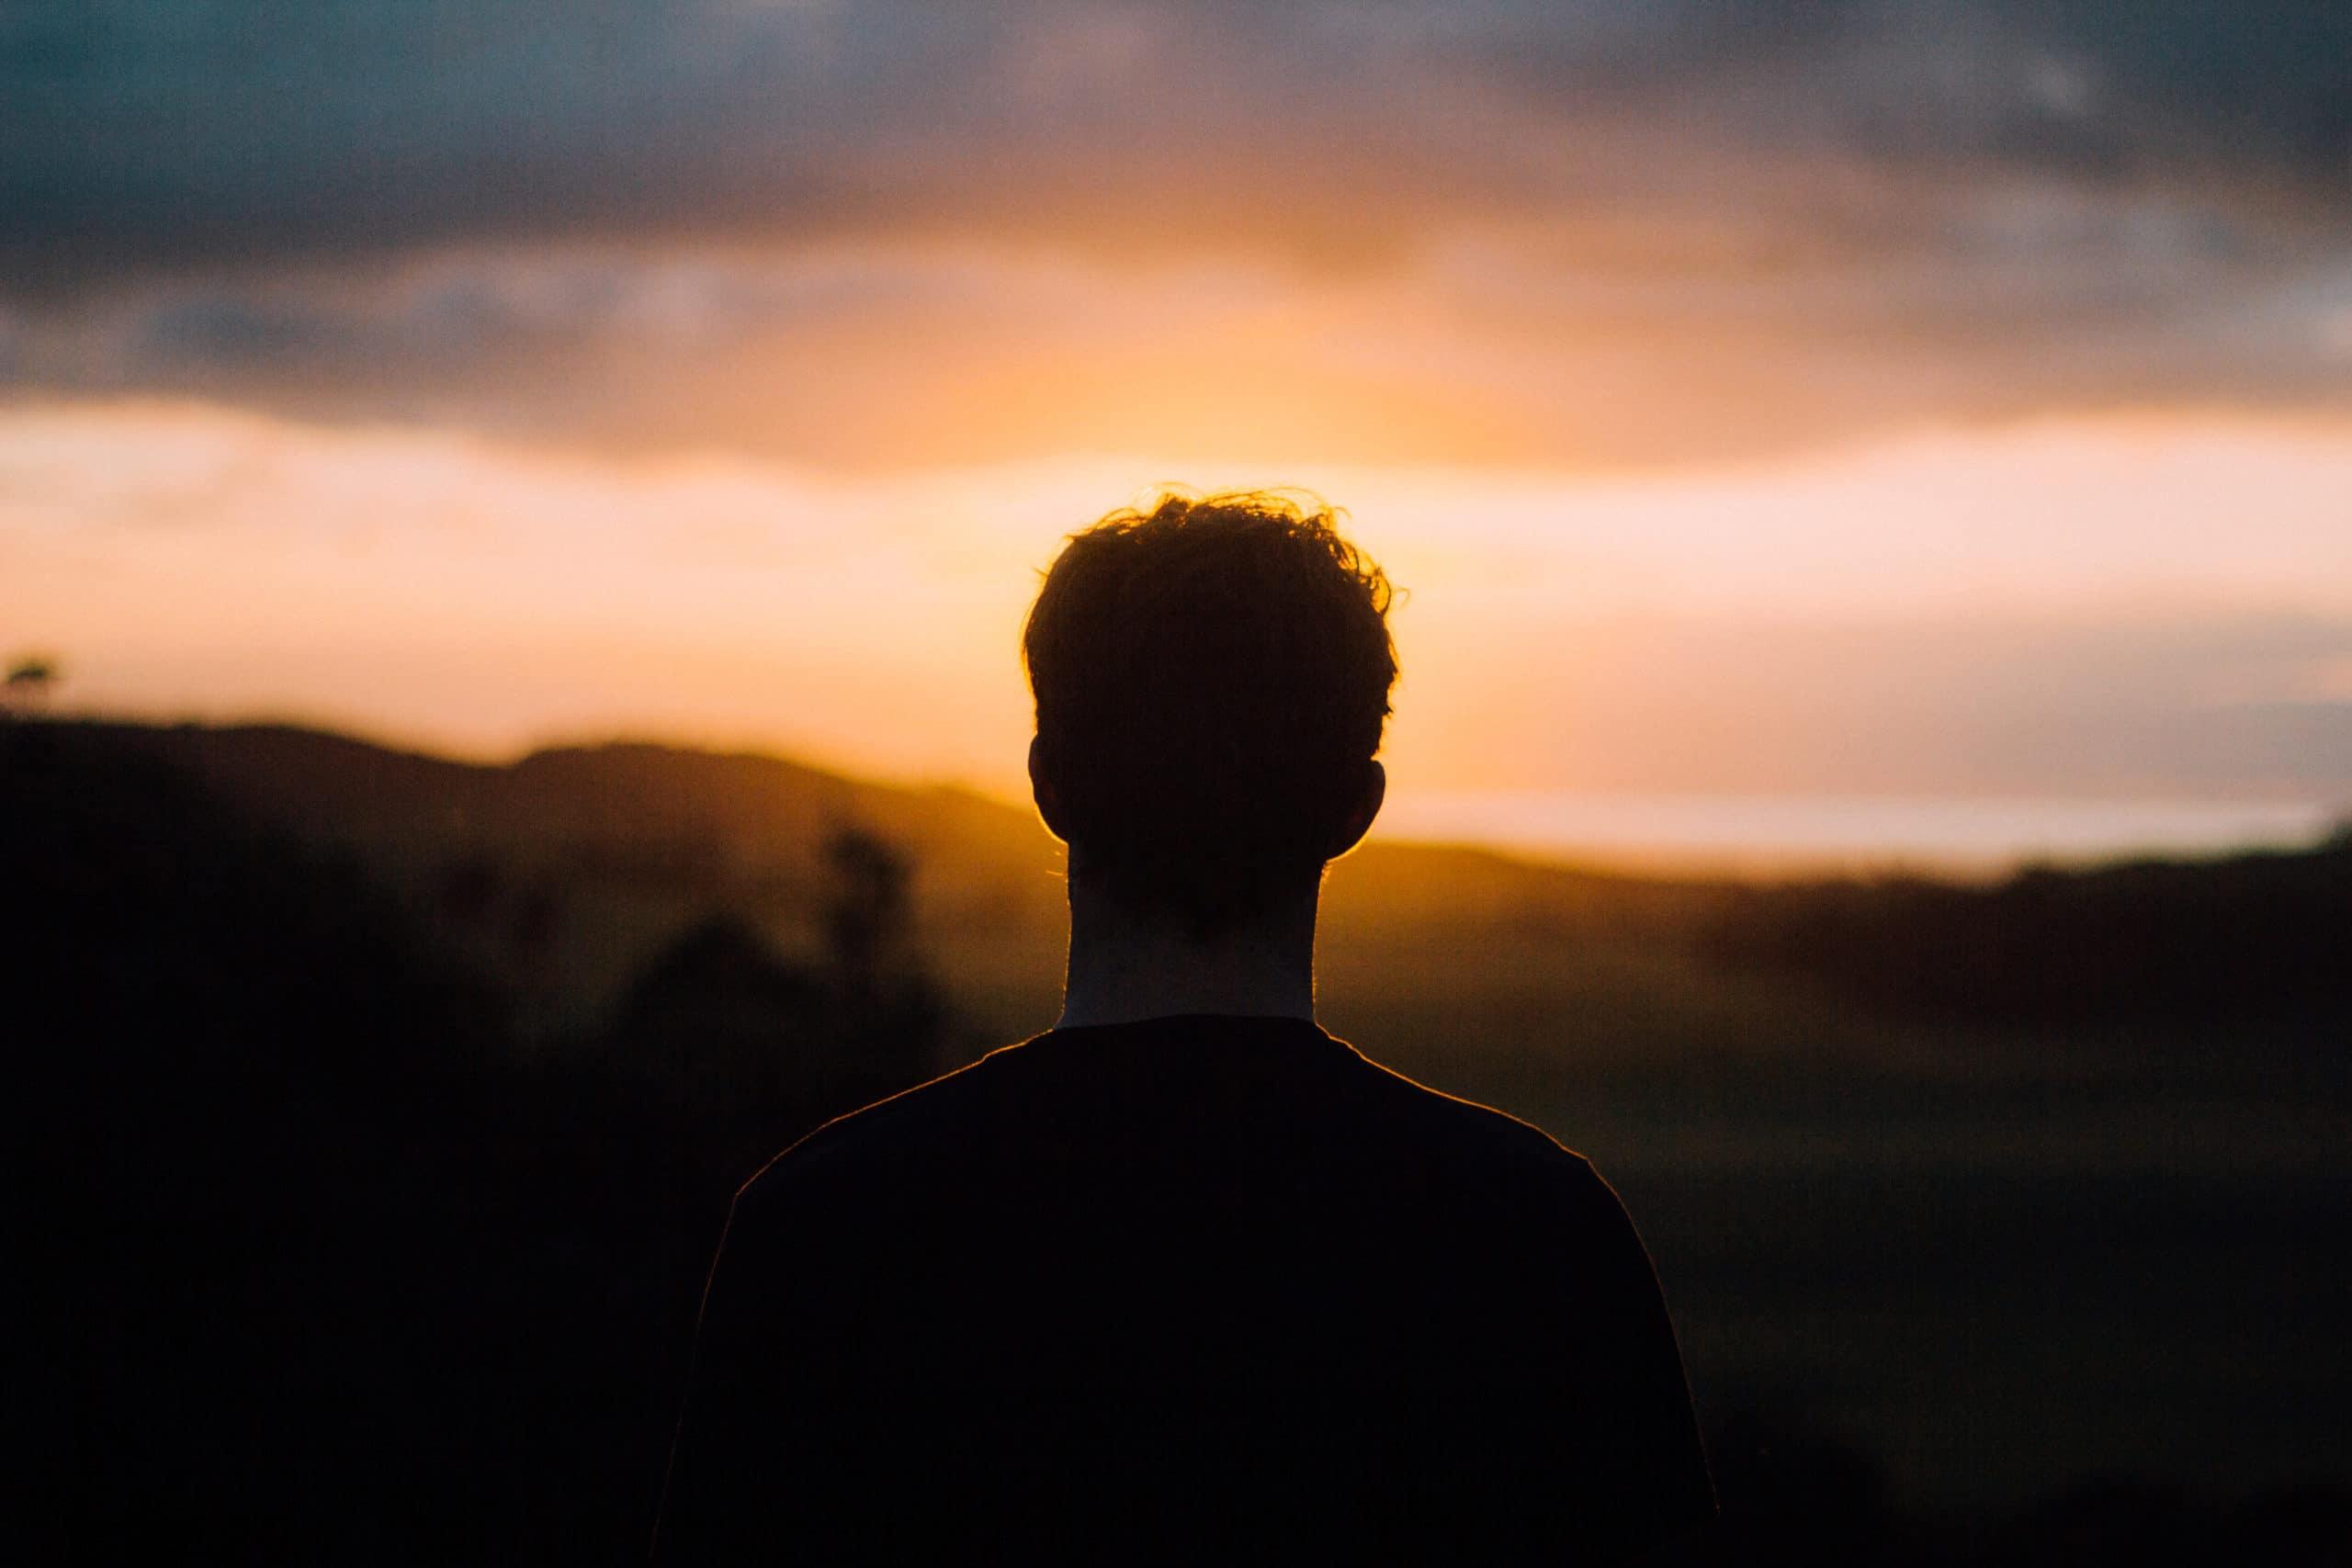 Los católicos no creemos que la muerte sea el final. Sabemos que es un umbral, un paso a la vida eterna. Foto: Cathopic